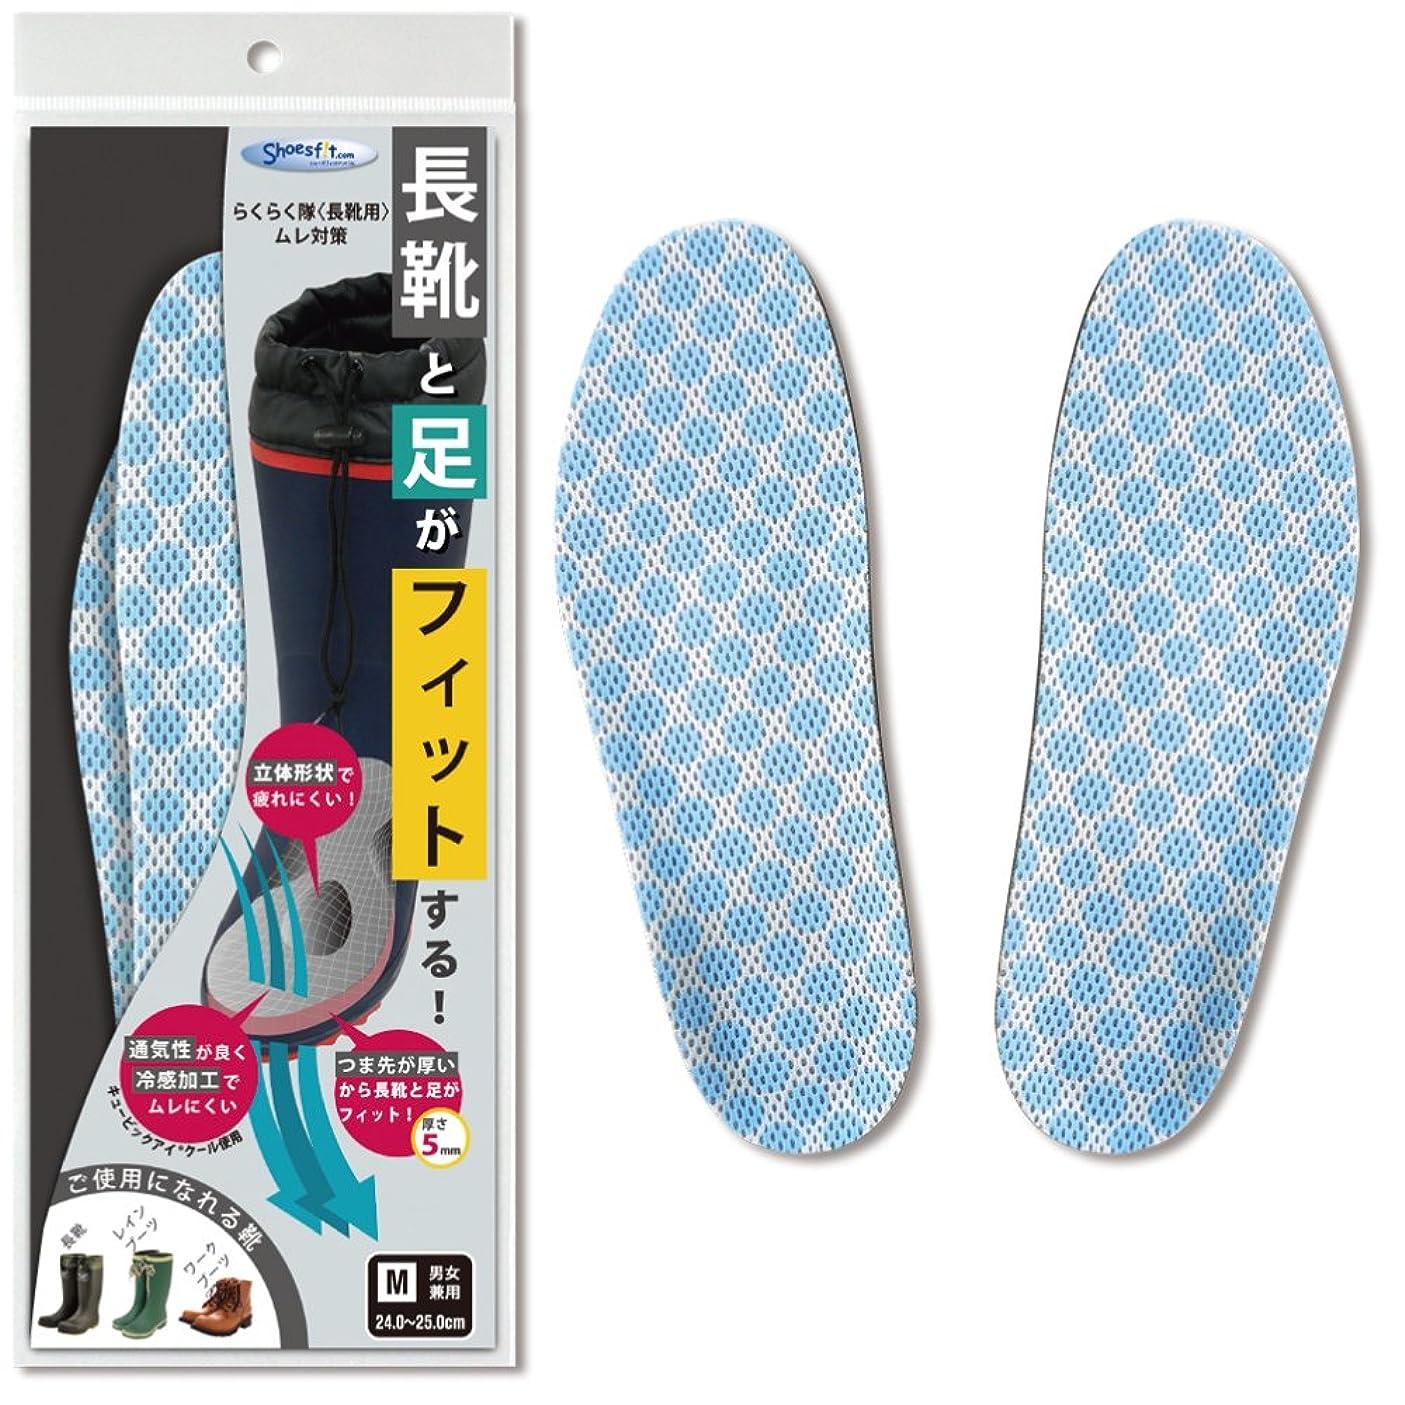 バリー共産主義翻訳するらくらく隊長靴用ムレ対策XL(27.0~28.0cm)